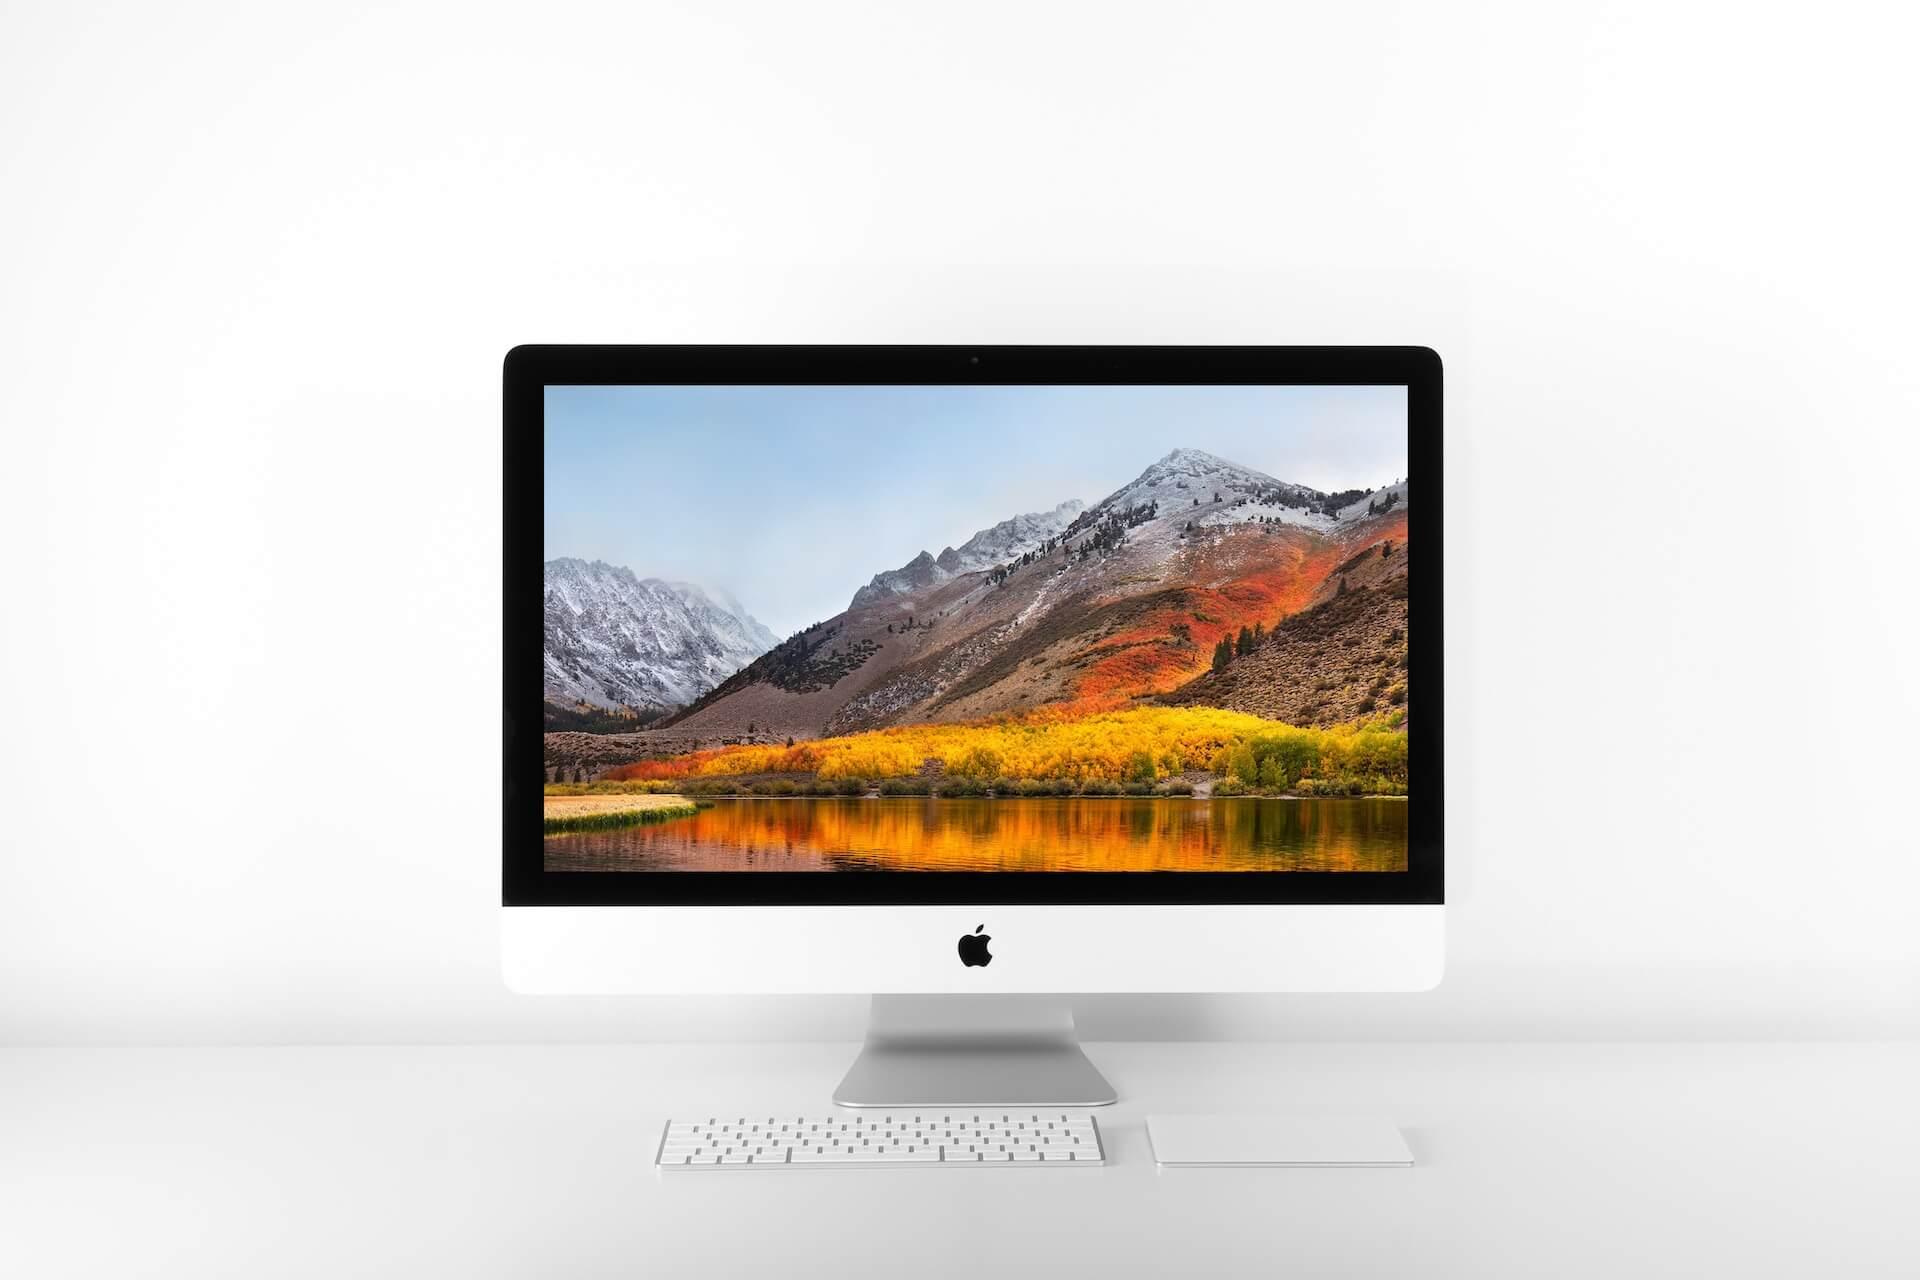 iMacがガラス製のディスプレイ1枚に生まれ変わる!?Appleが特許を申請 tech200127_imac_main